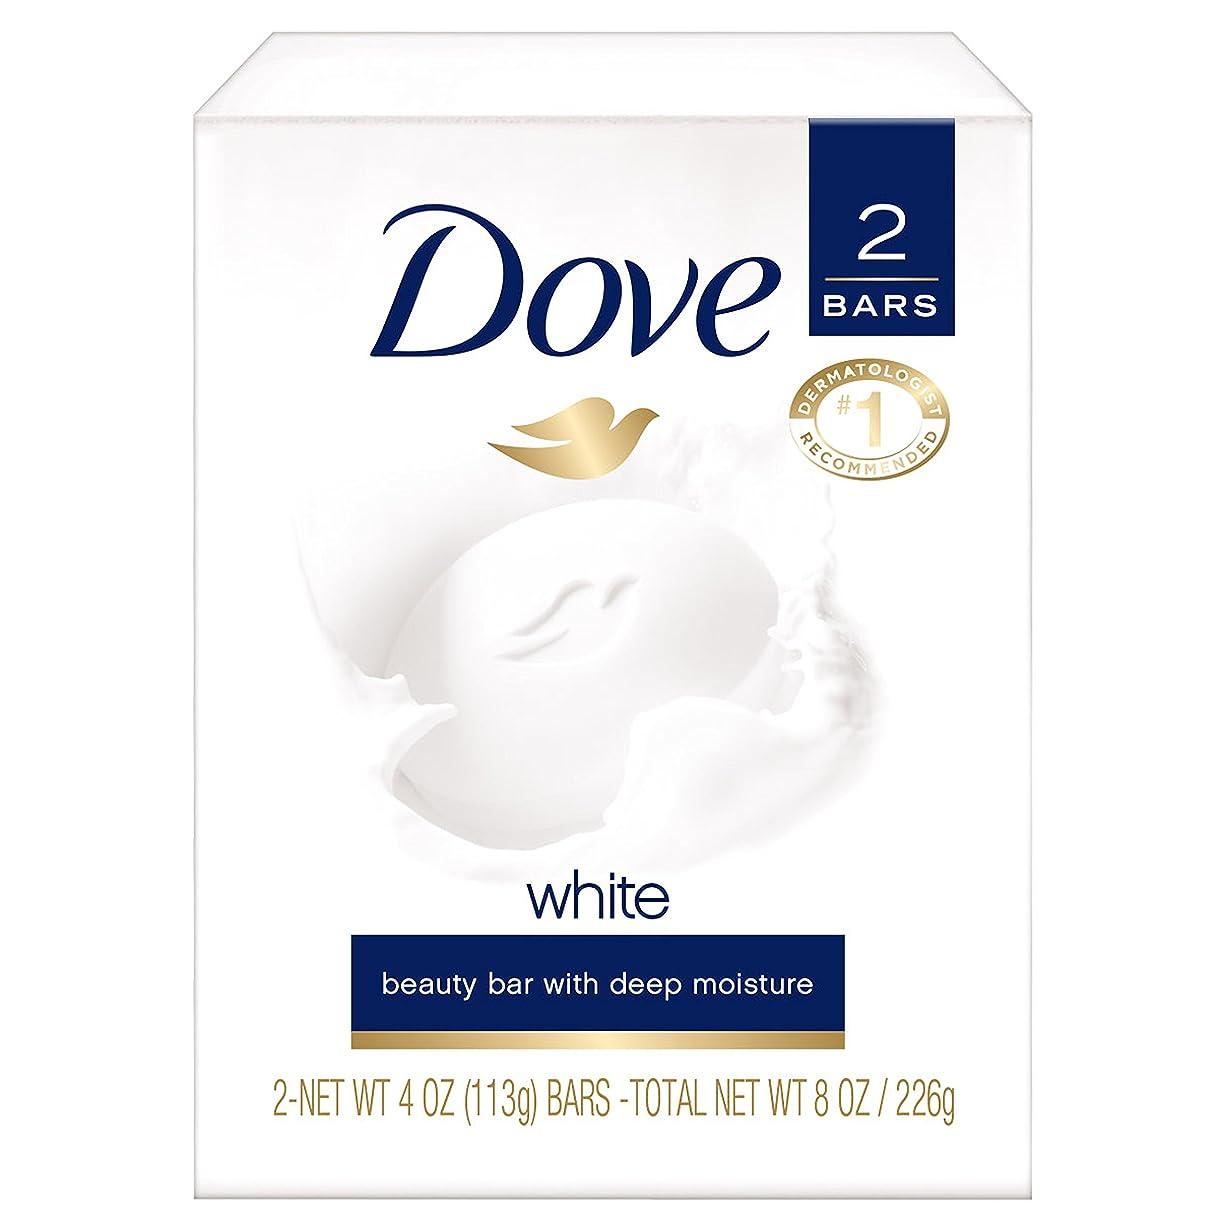 全滅させる信仰農業Dove ビューティーバー、白4オンス、2バー